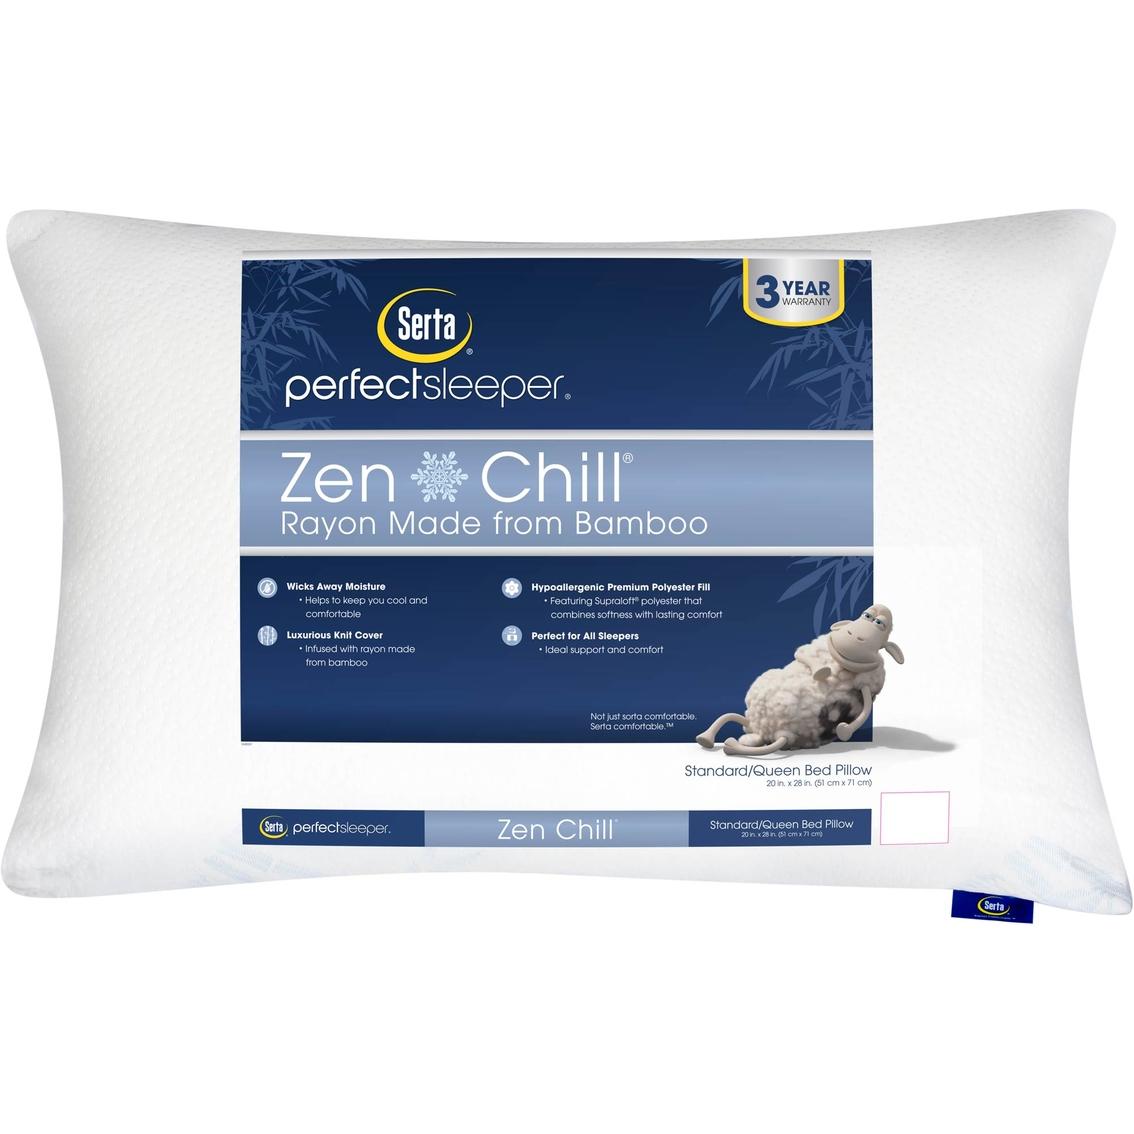 Serta Perfect Sleeper Zen Chill Pillow Bed Pillows Home